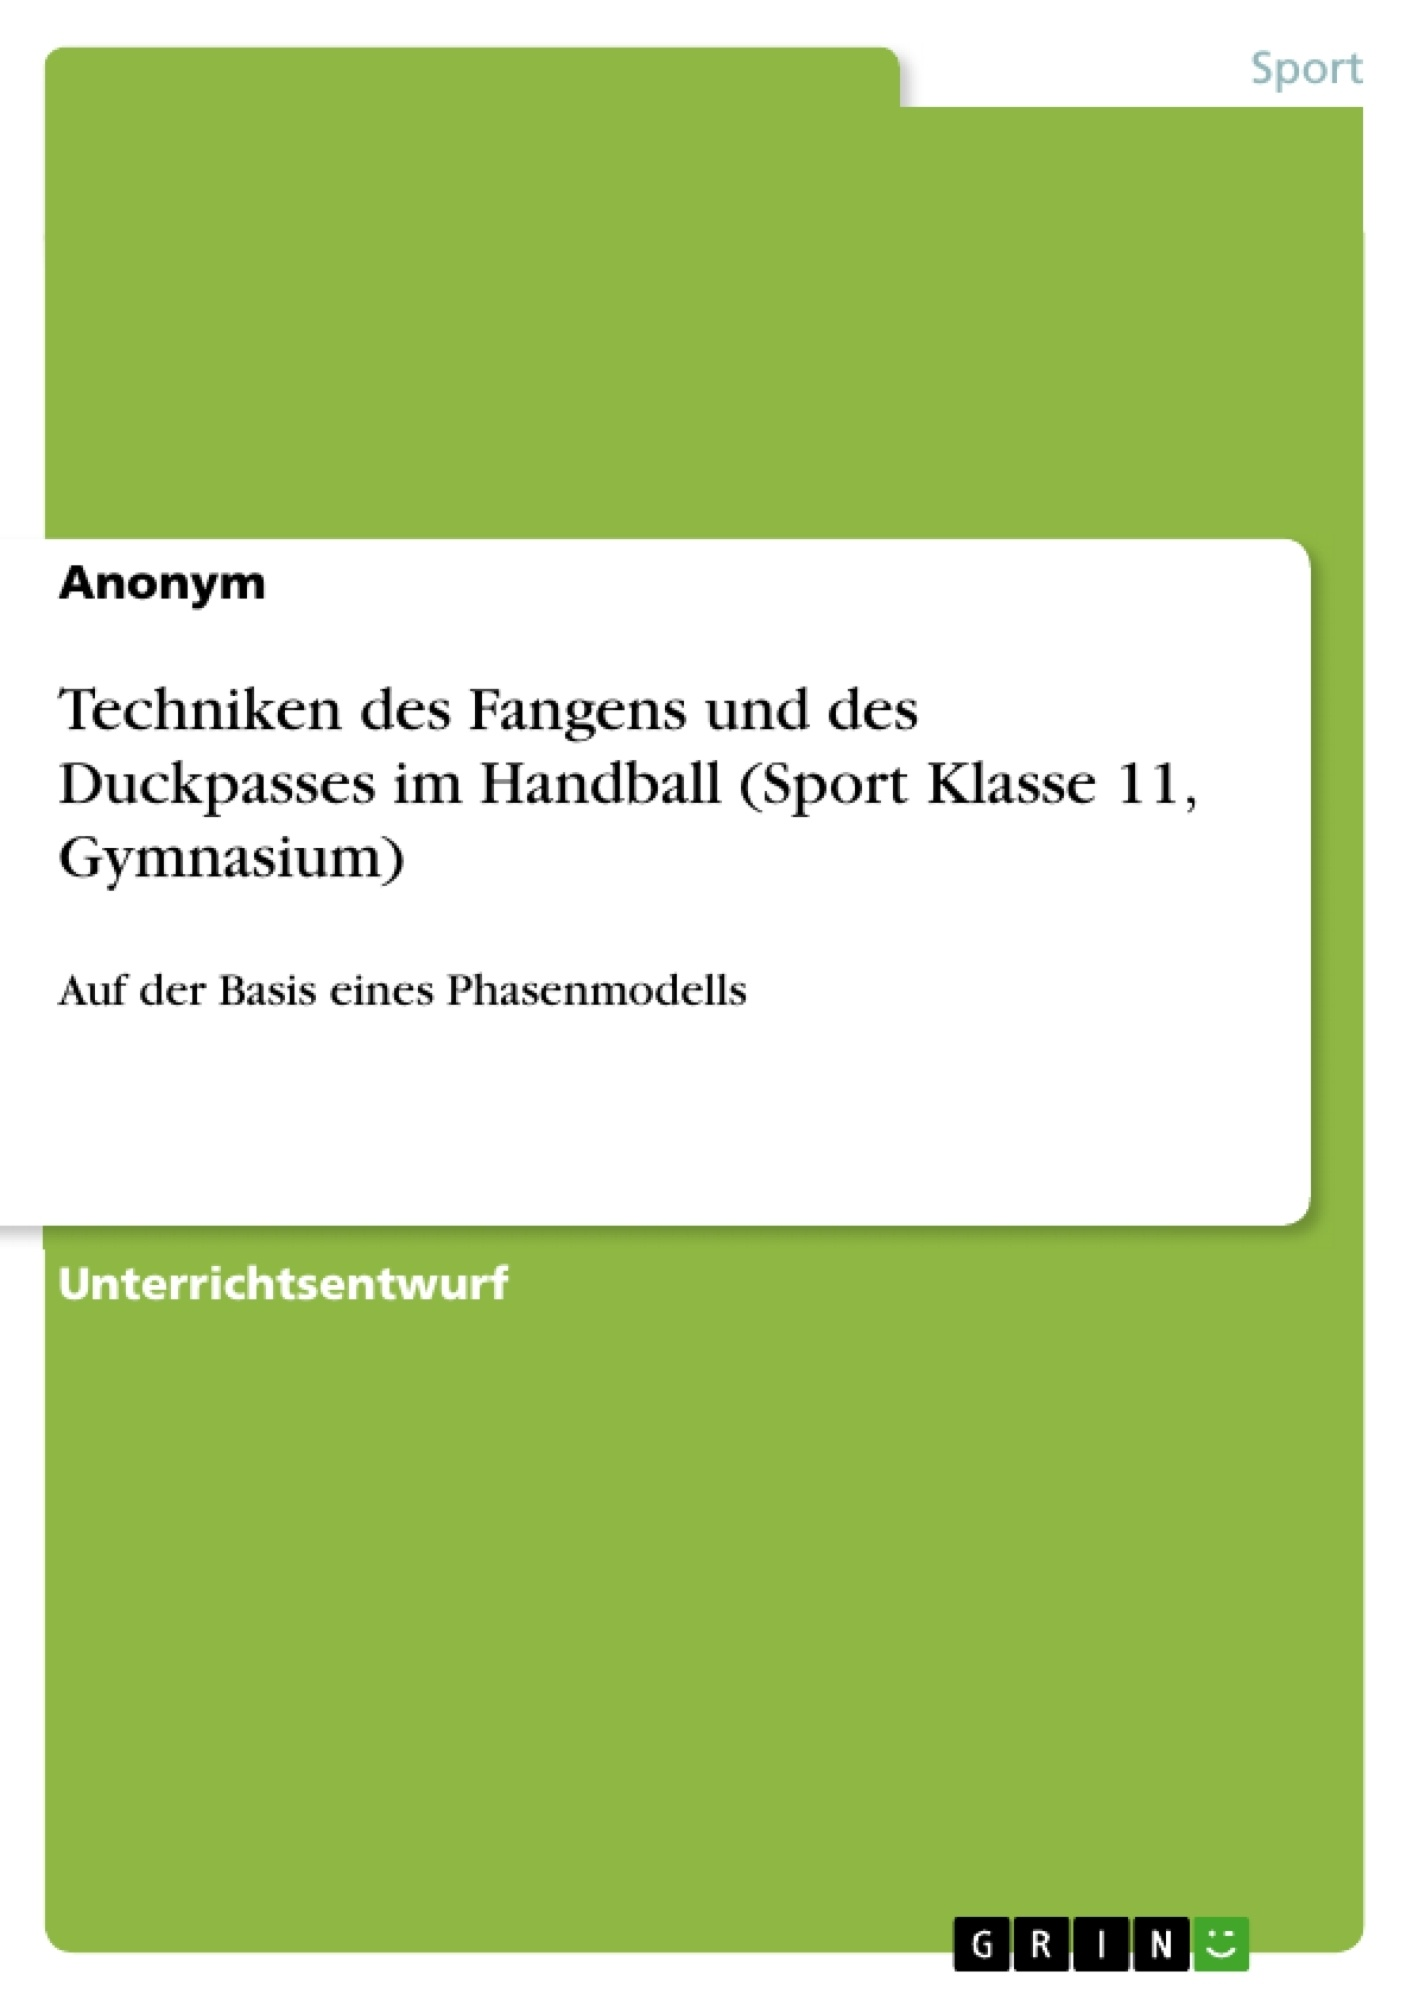 Titel: Techniken des Fangens und des Duckpasses im Handball (Sport Klasse 11, Gymnasium)